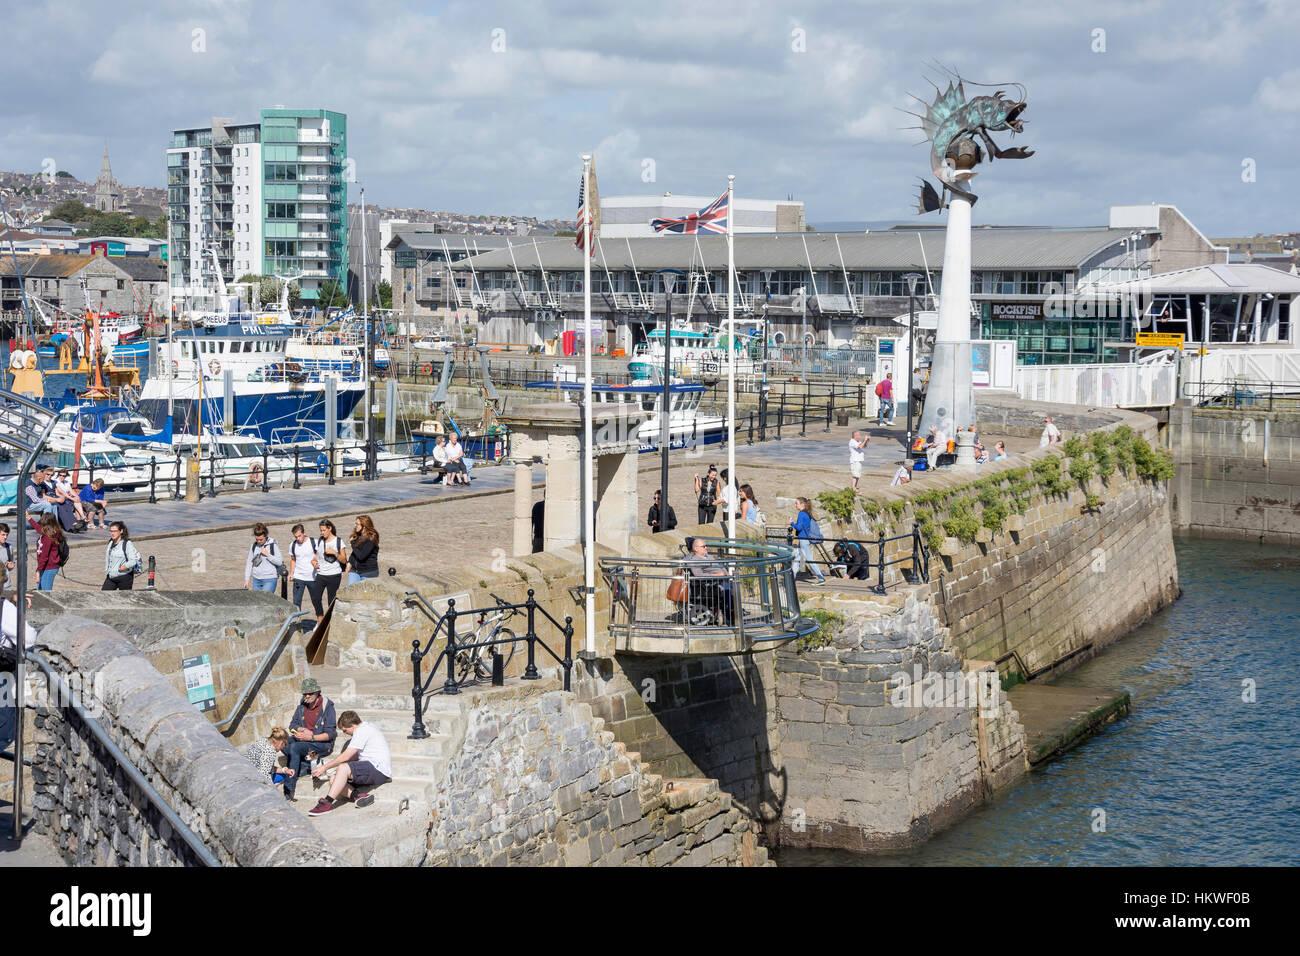 Mayflower Schritte, Barbican, Plymouth, Devon, England, Vereinigtes Königreich Stockbild